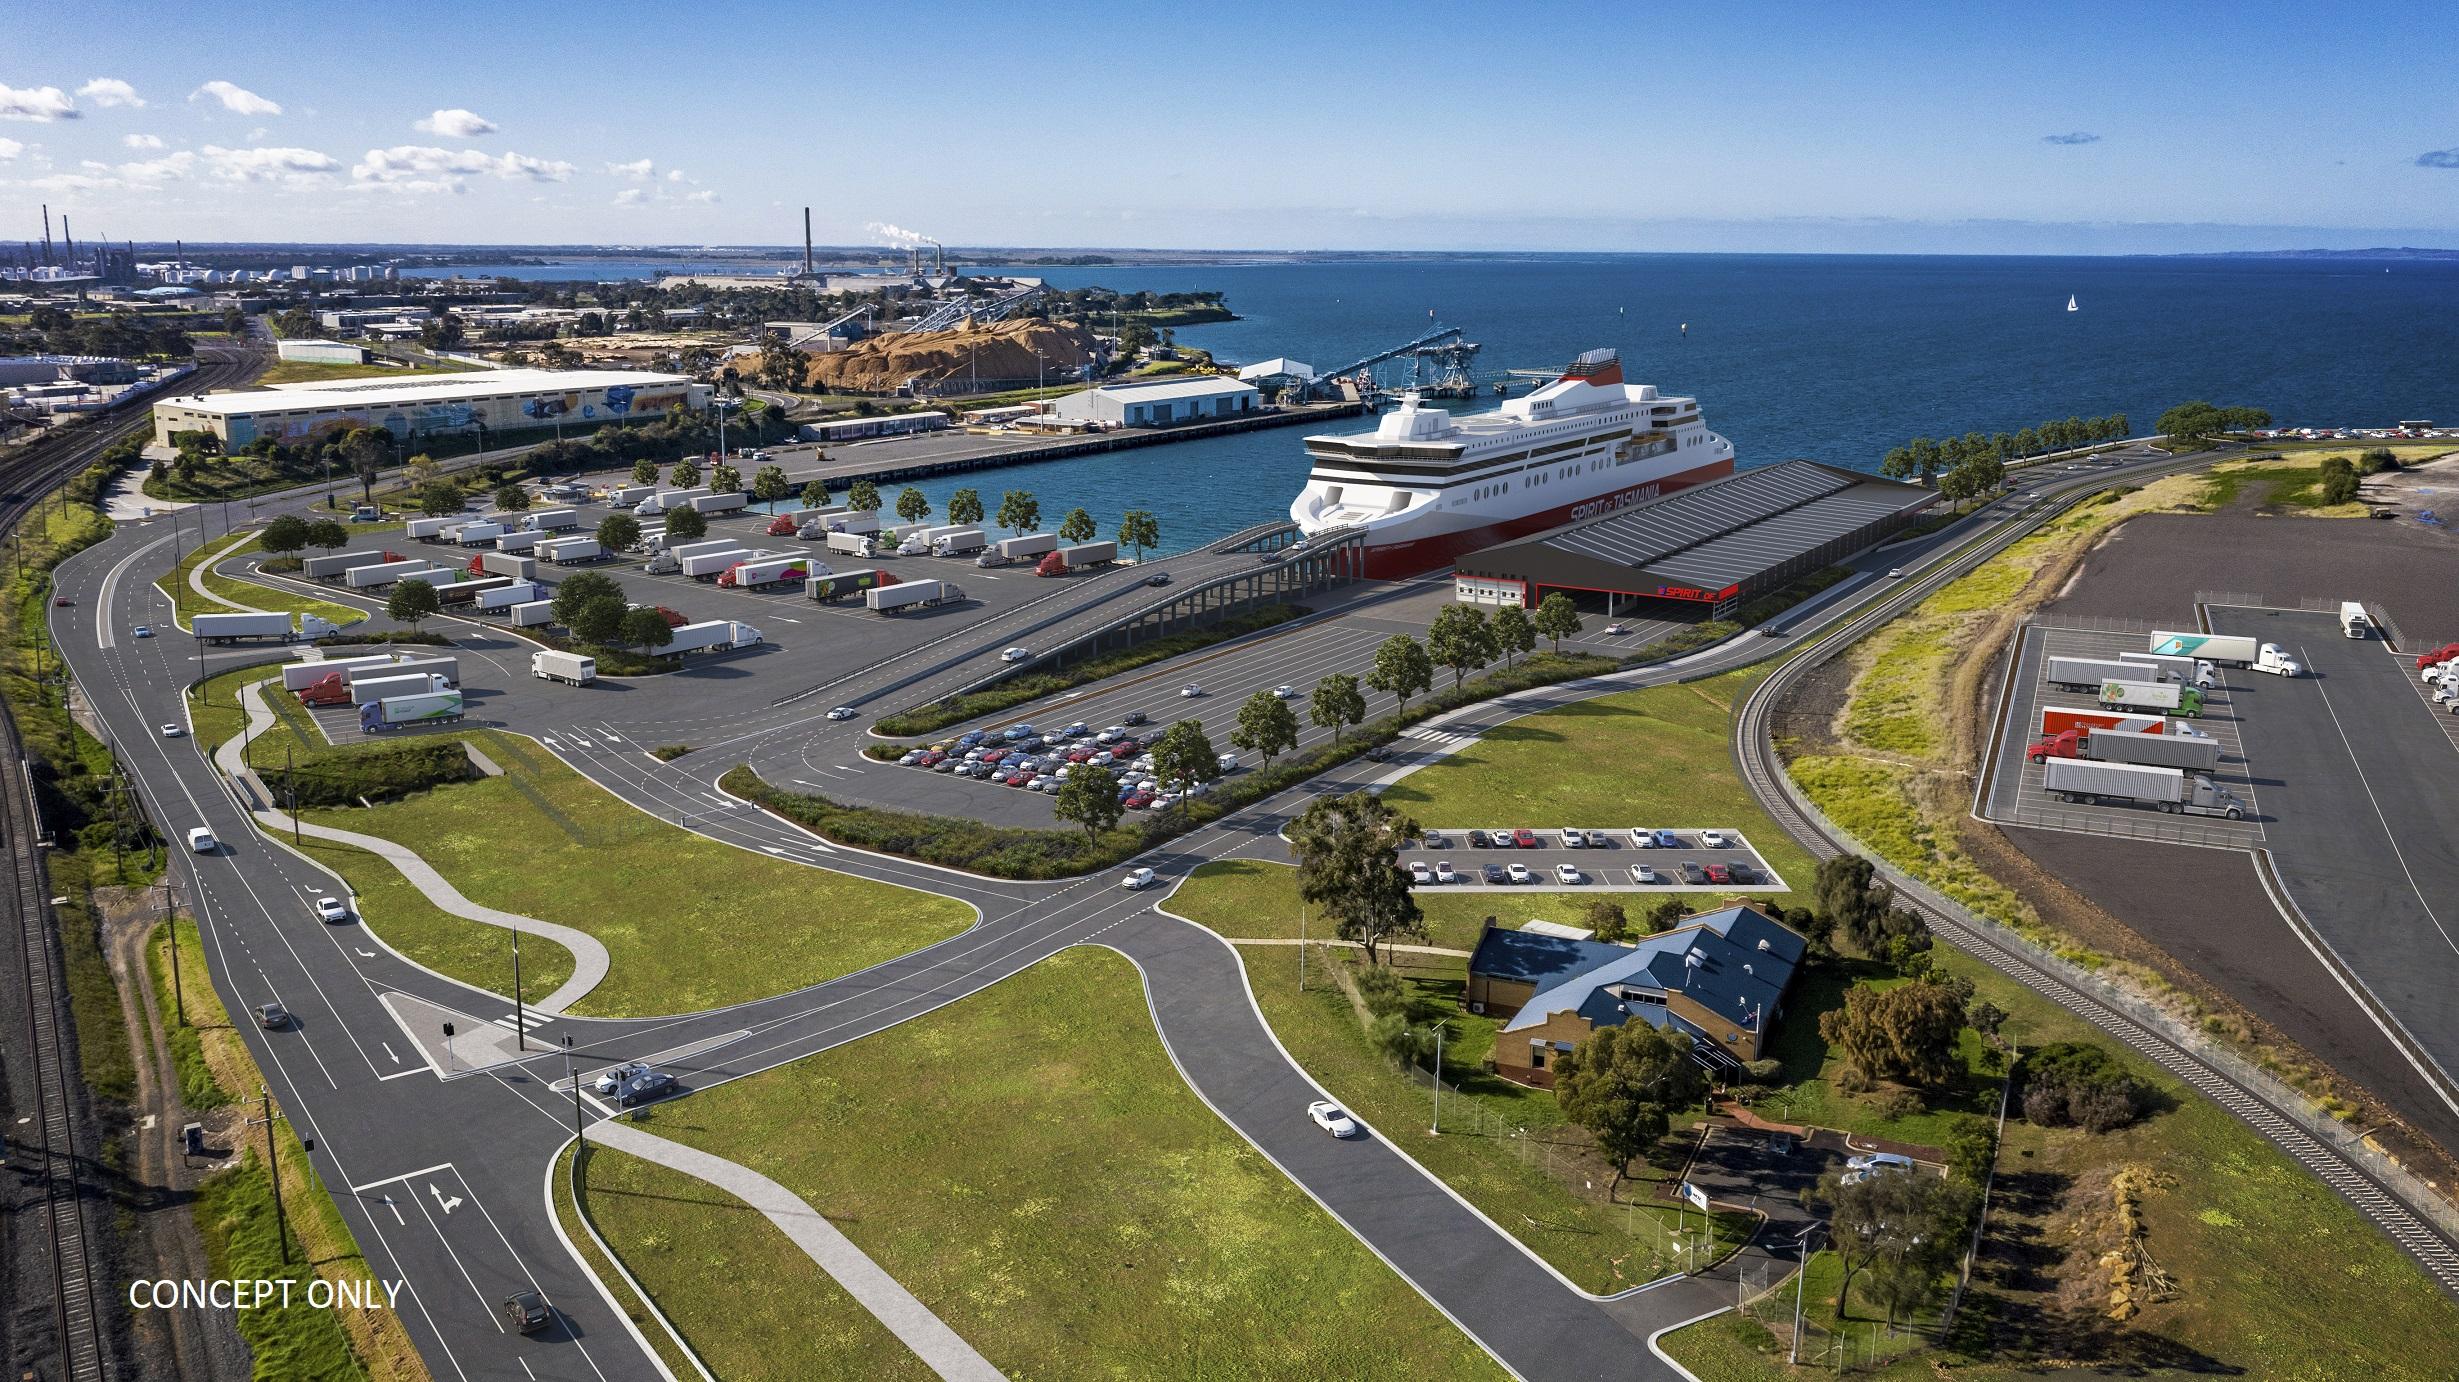 Surveying Geelong, 3D Renders Geelong, Town Planning Geelong